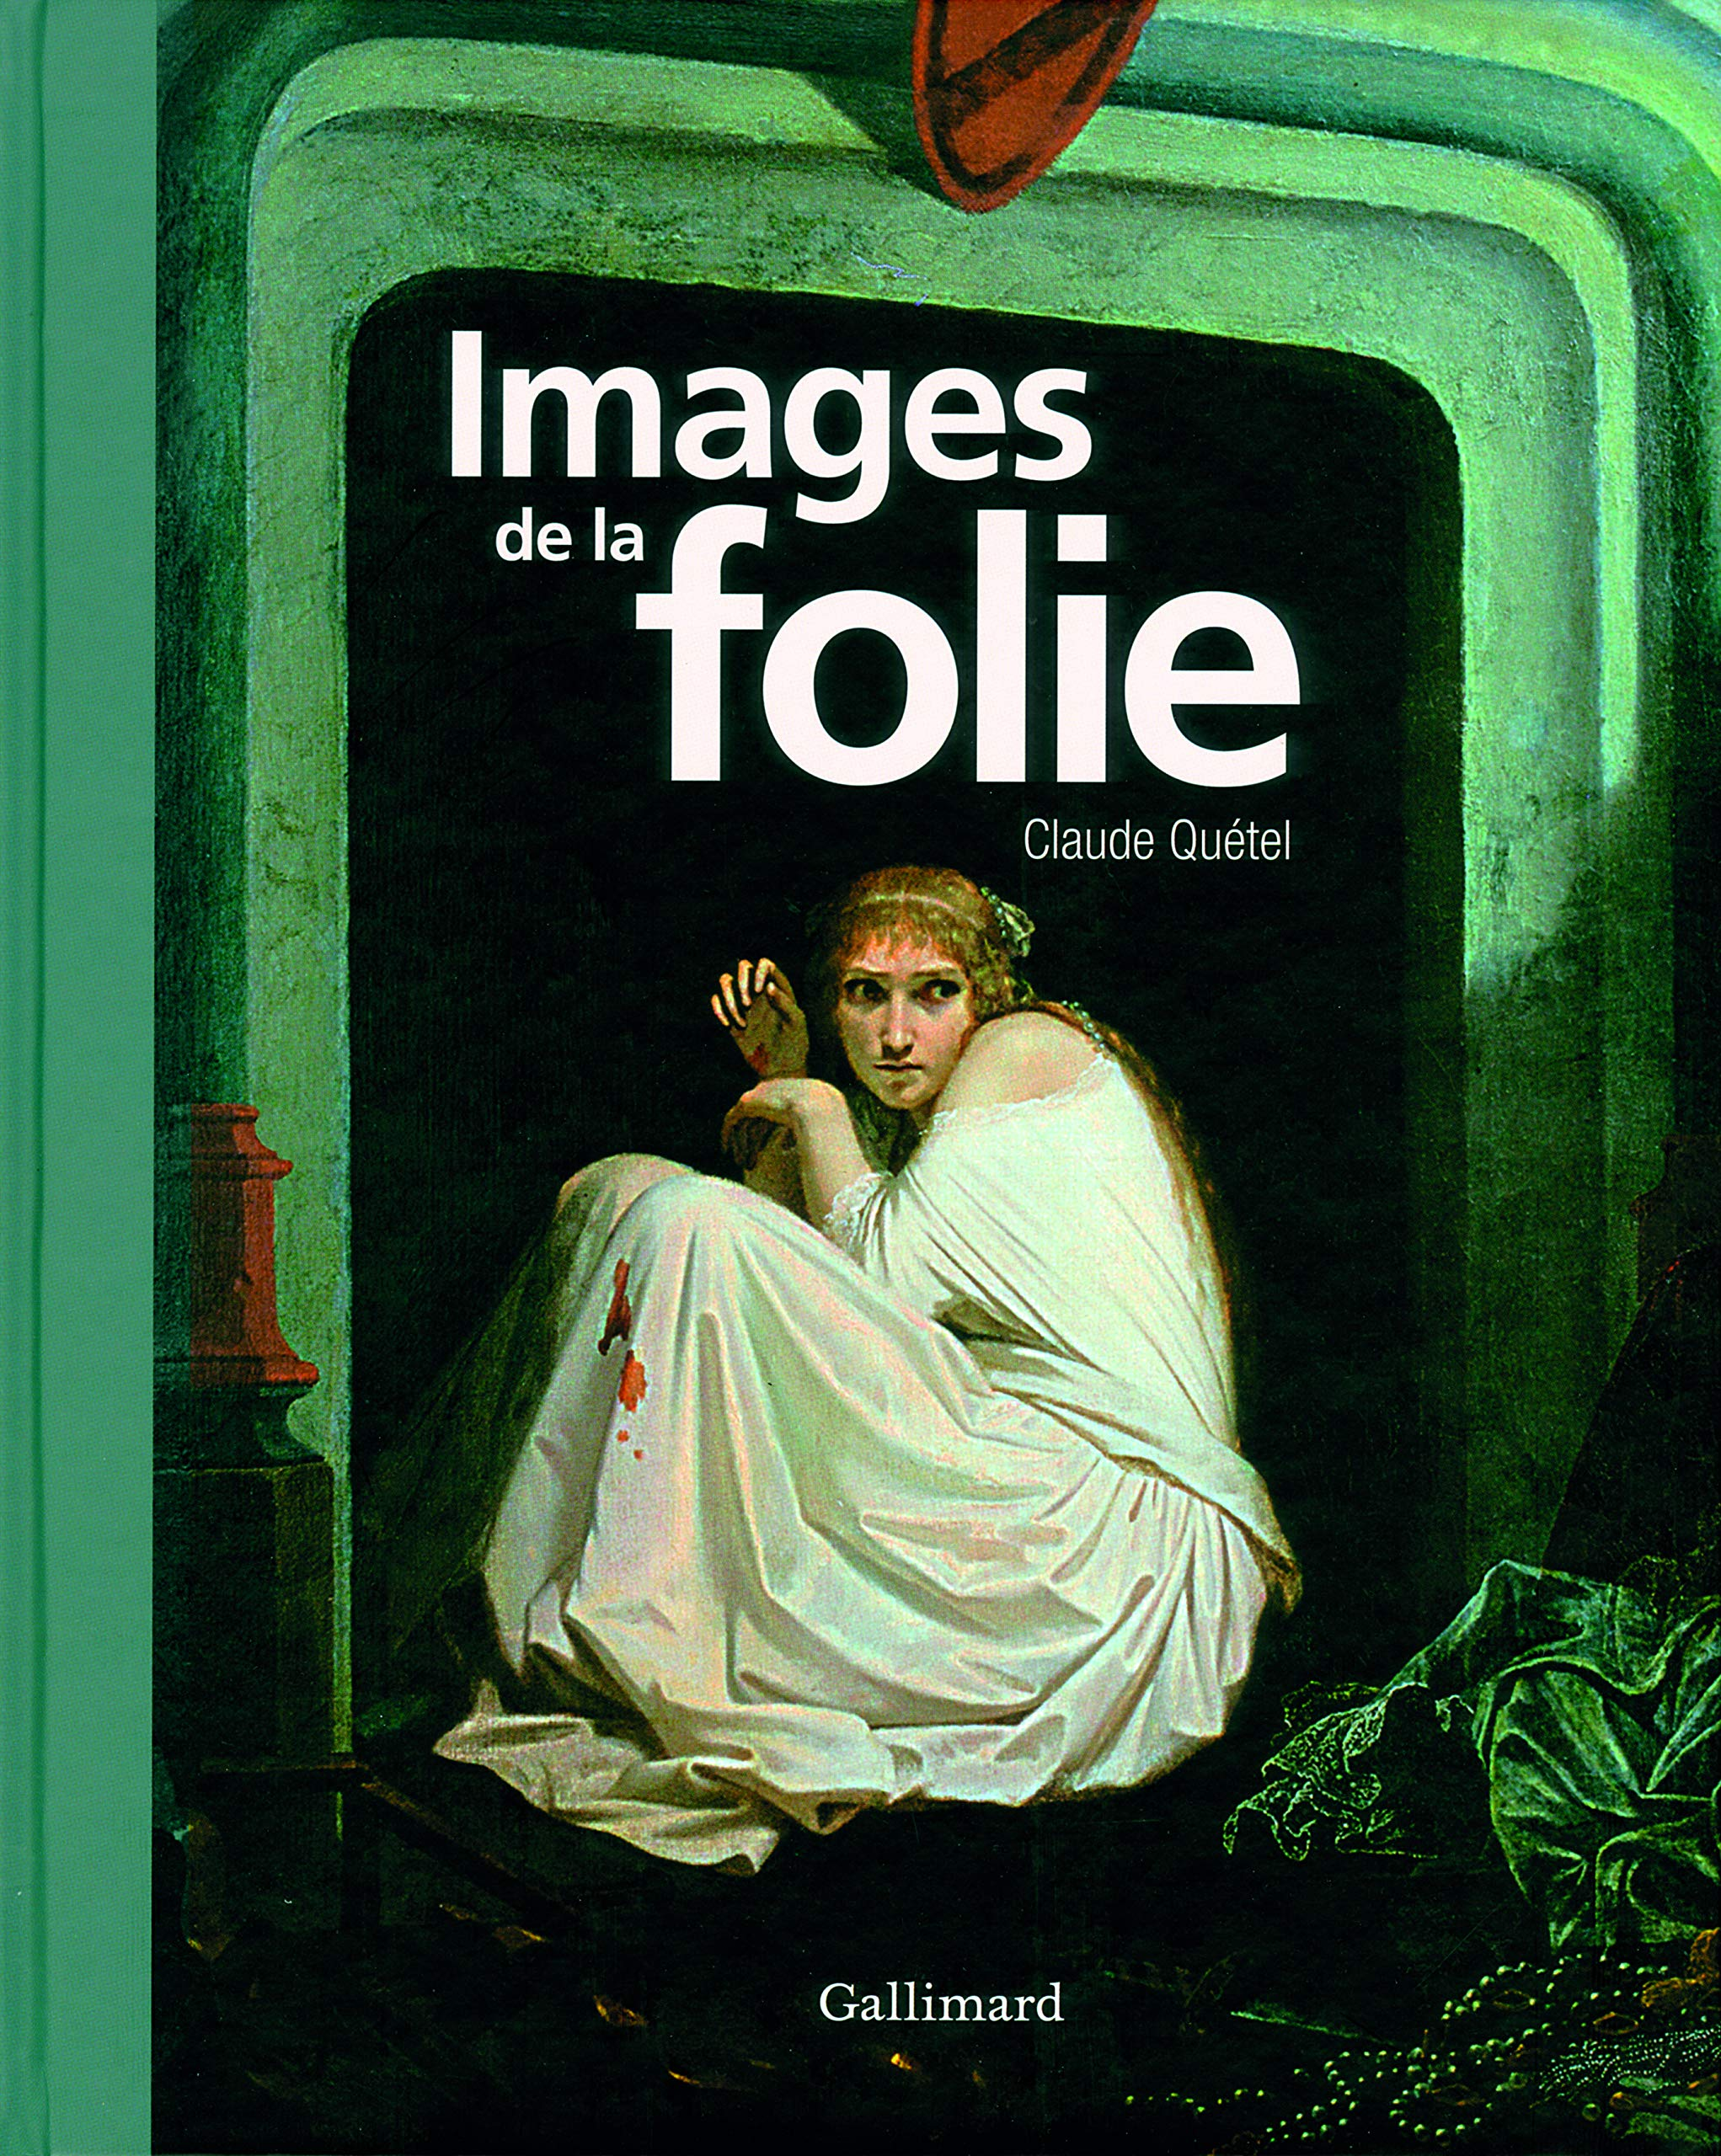 Images de la folie por Claude Quétel